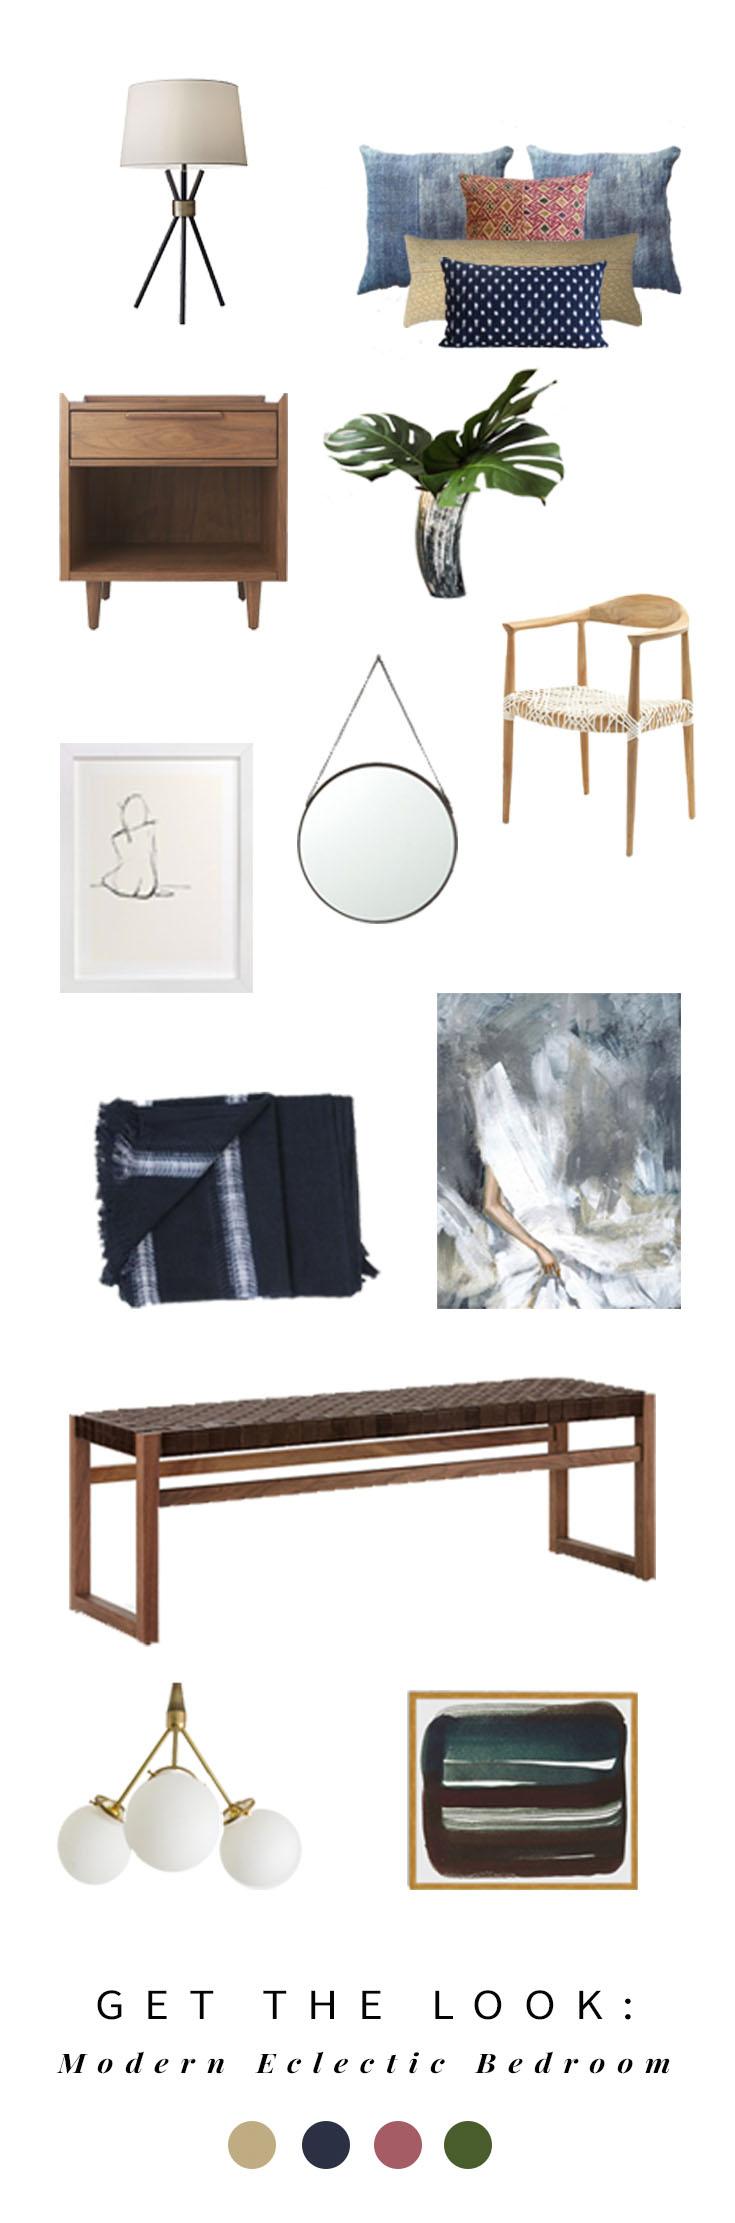 modern eclectic bedroom